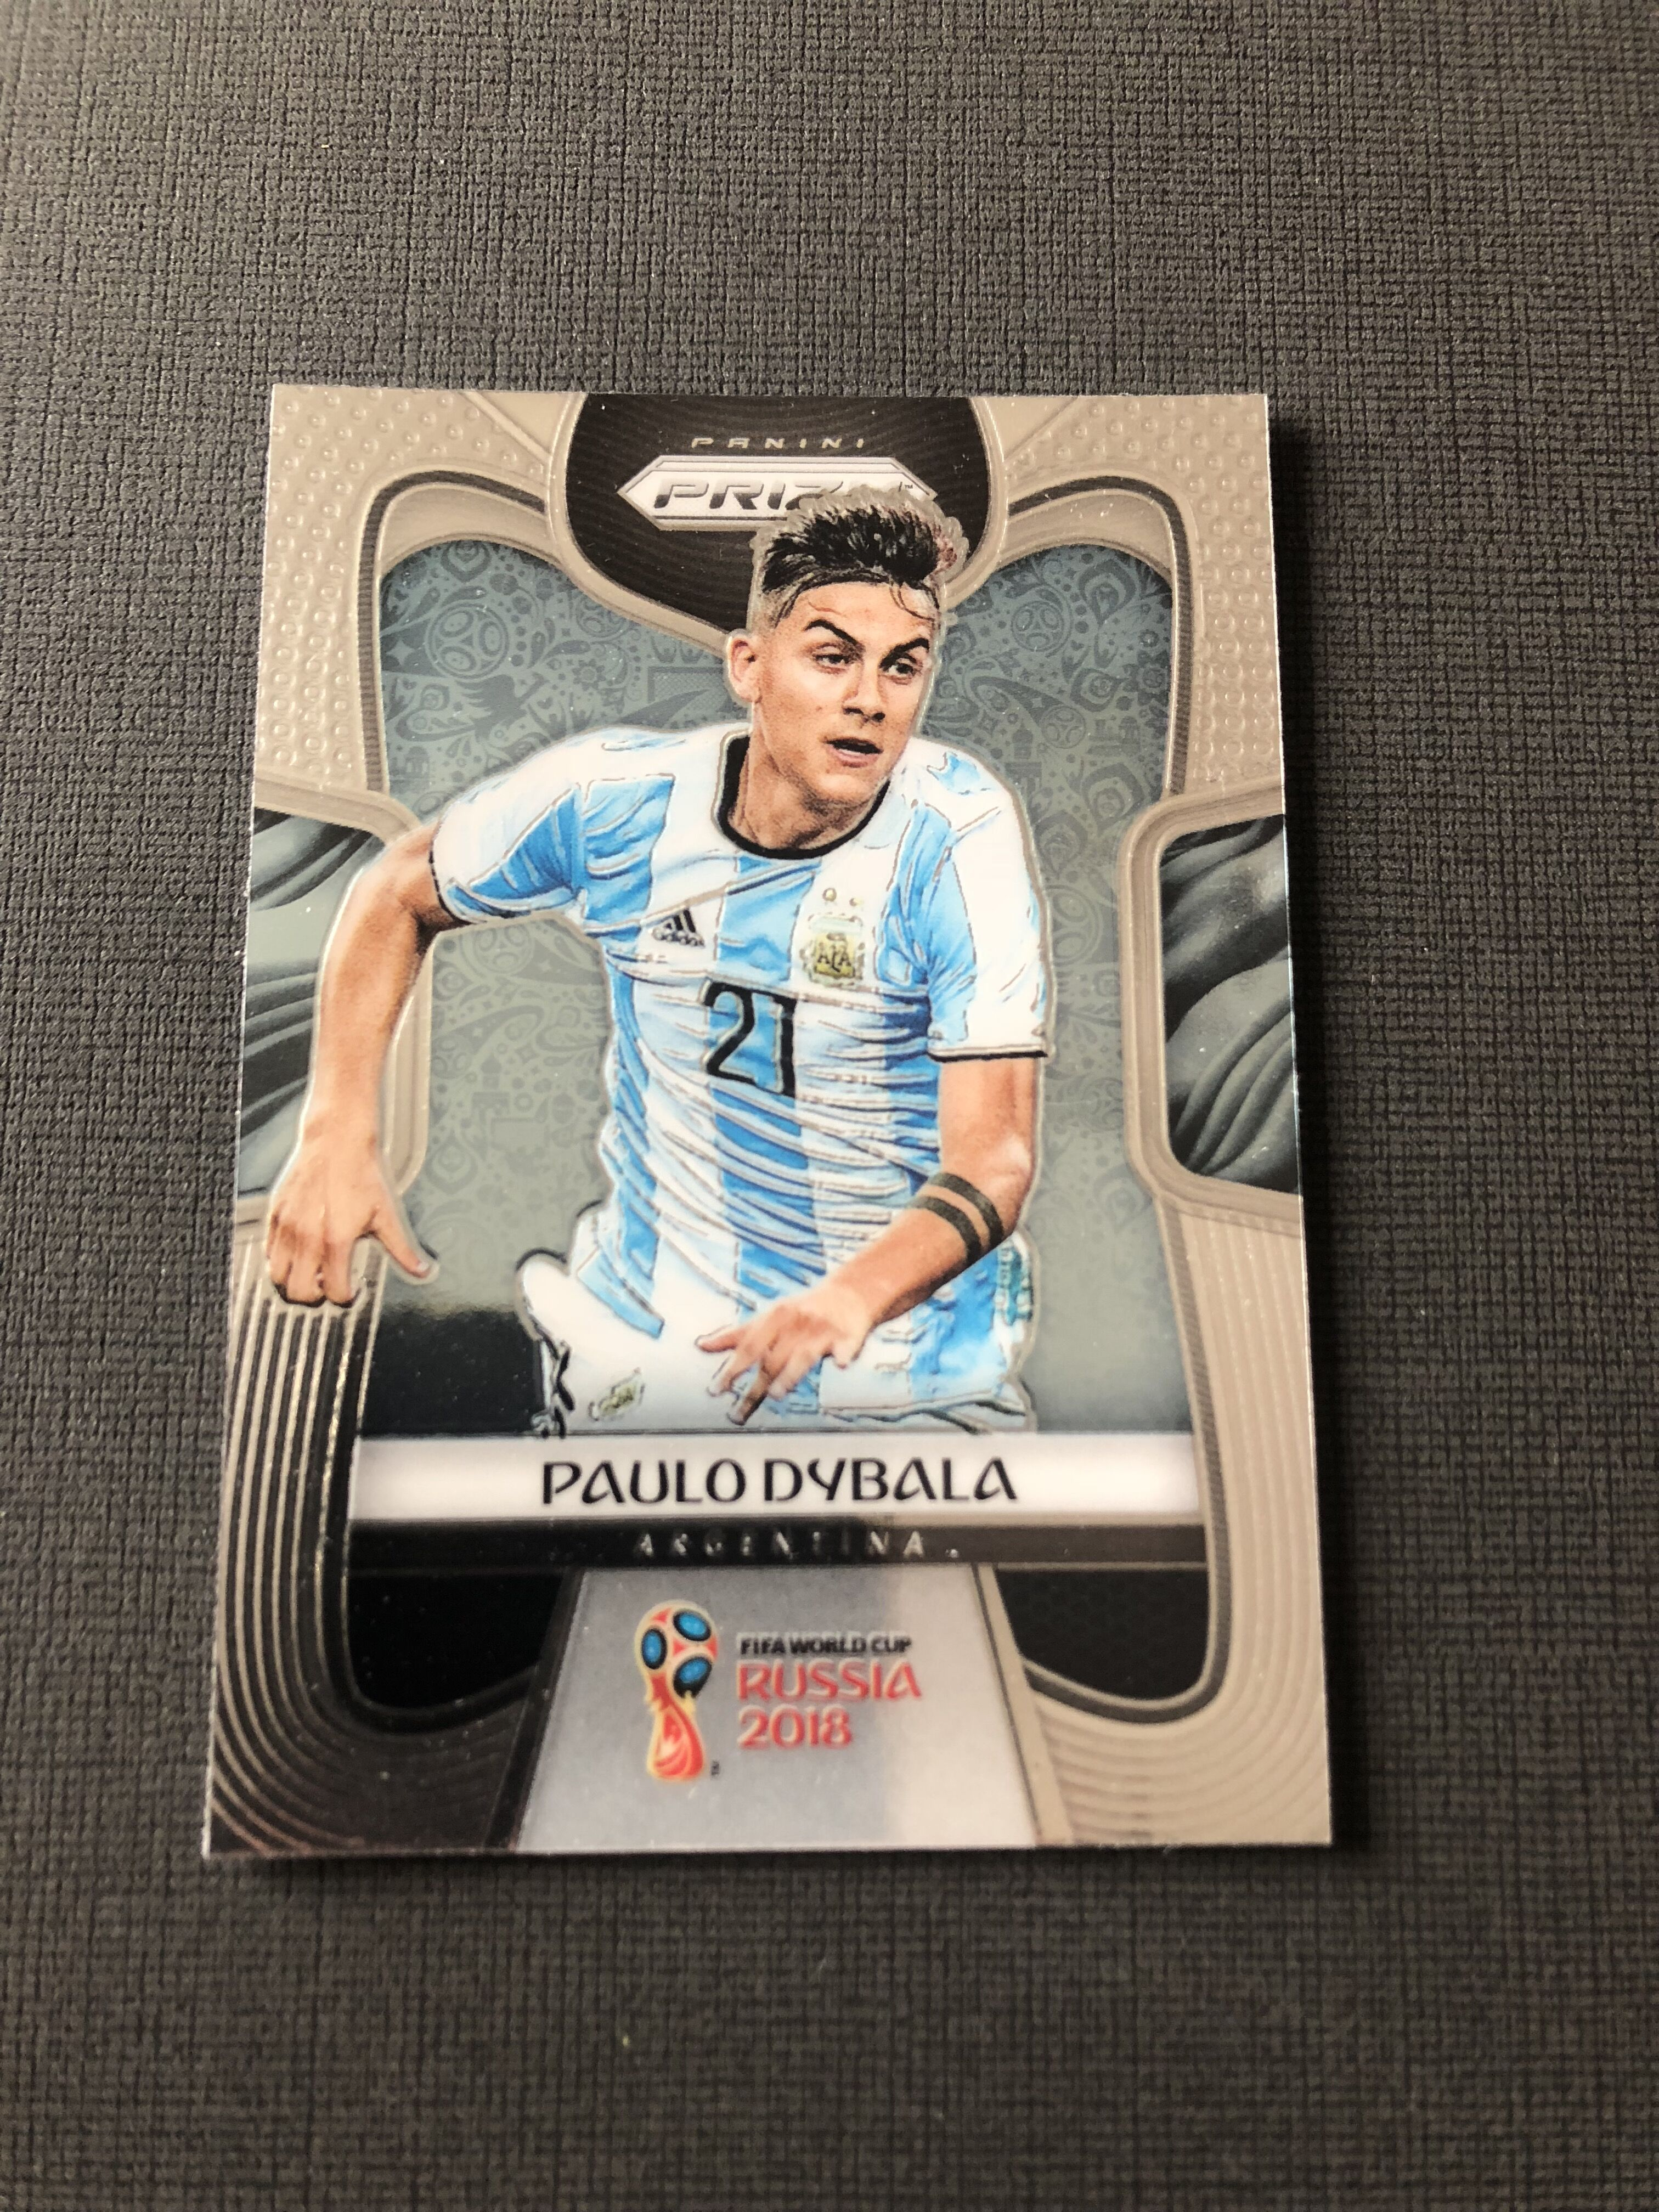 2018 prizm 世界杯 迪巴拉 阿根廷 尤文图斯 base